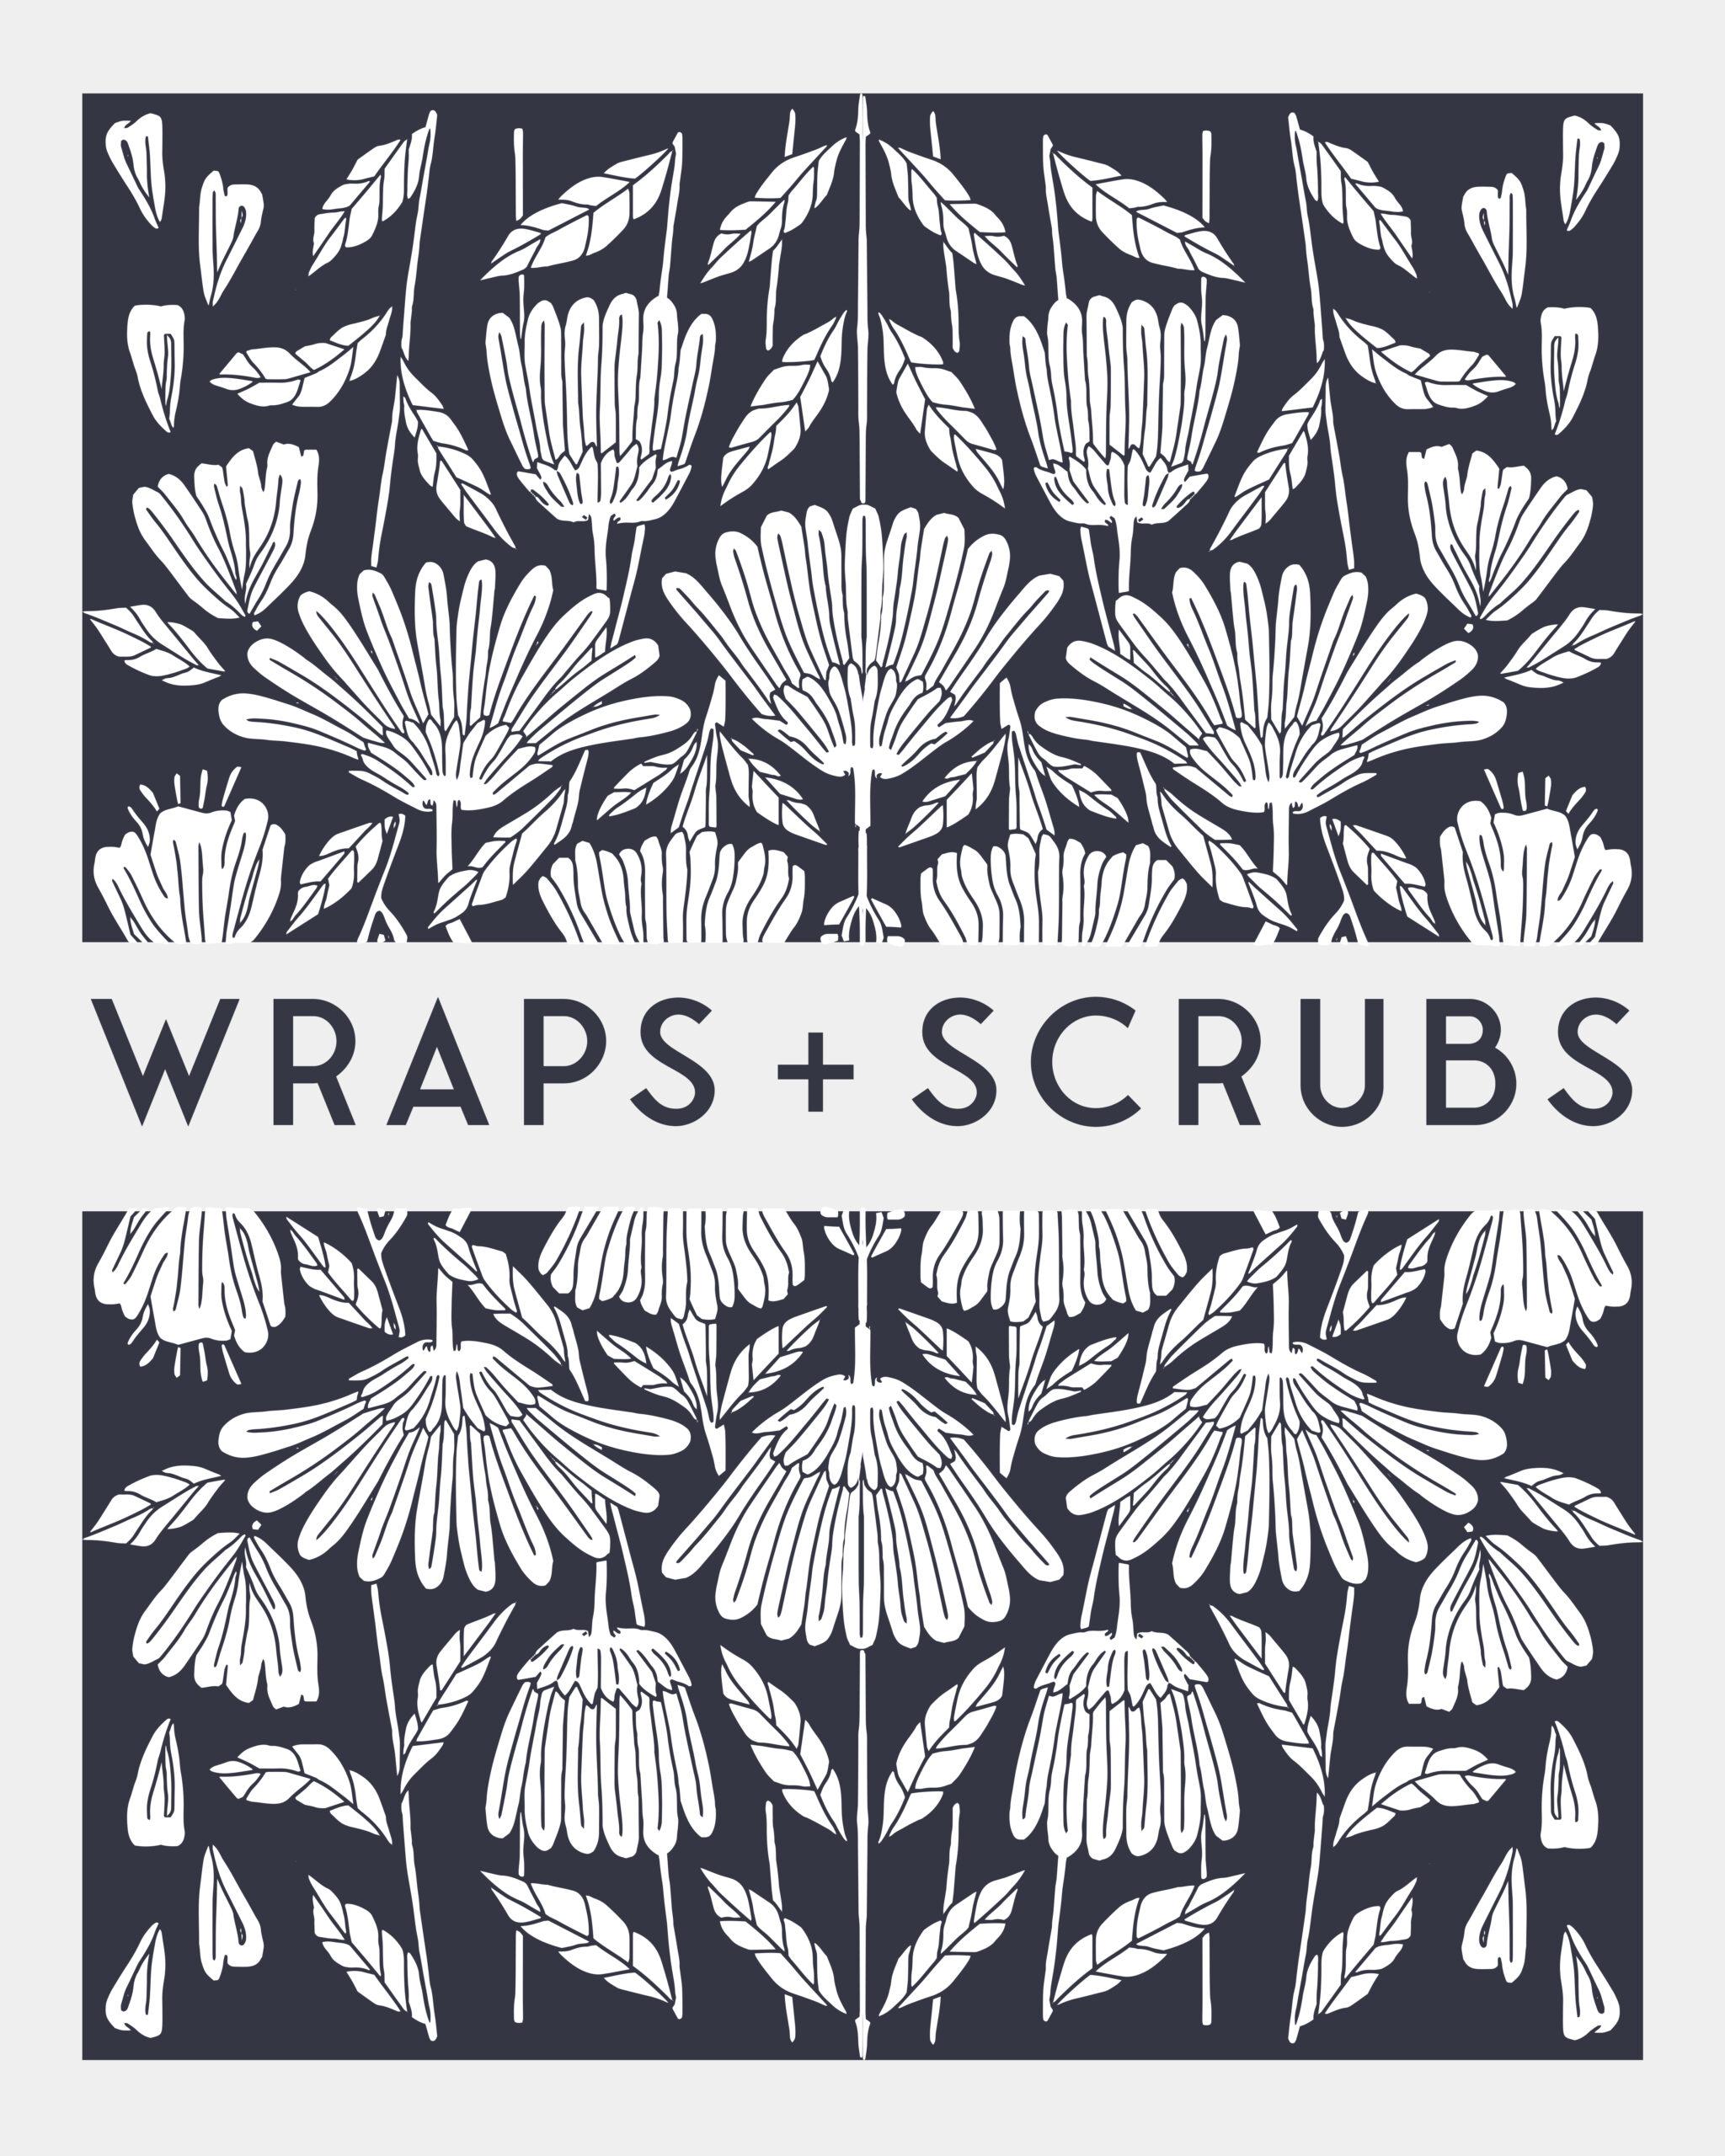 wraps & scrubs sign